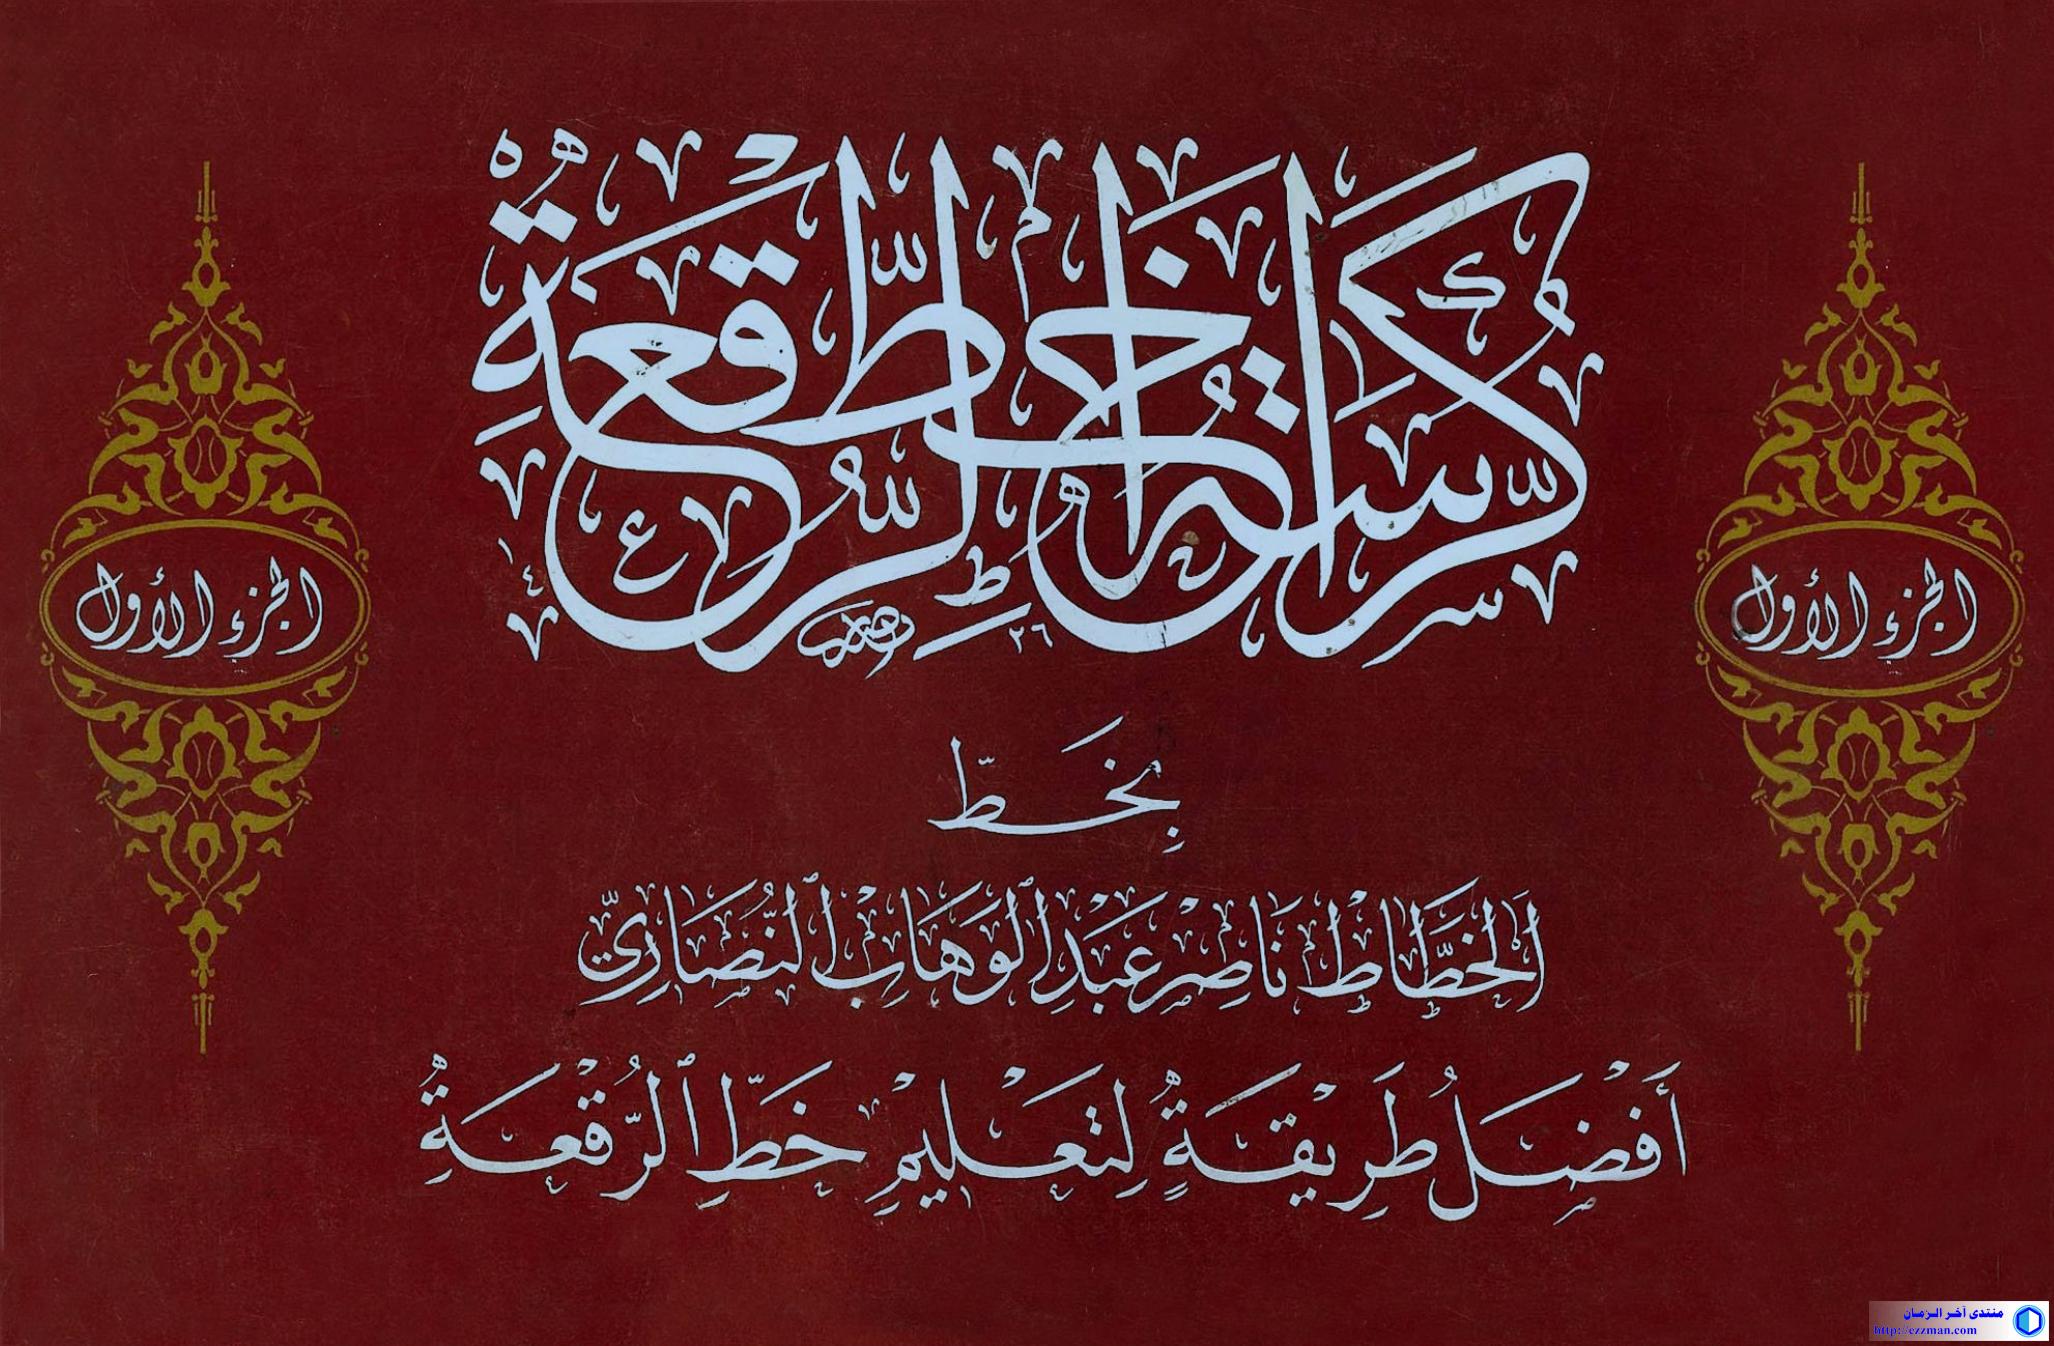 كراسة الرقعة ناصر الوهاب